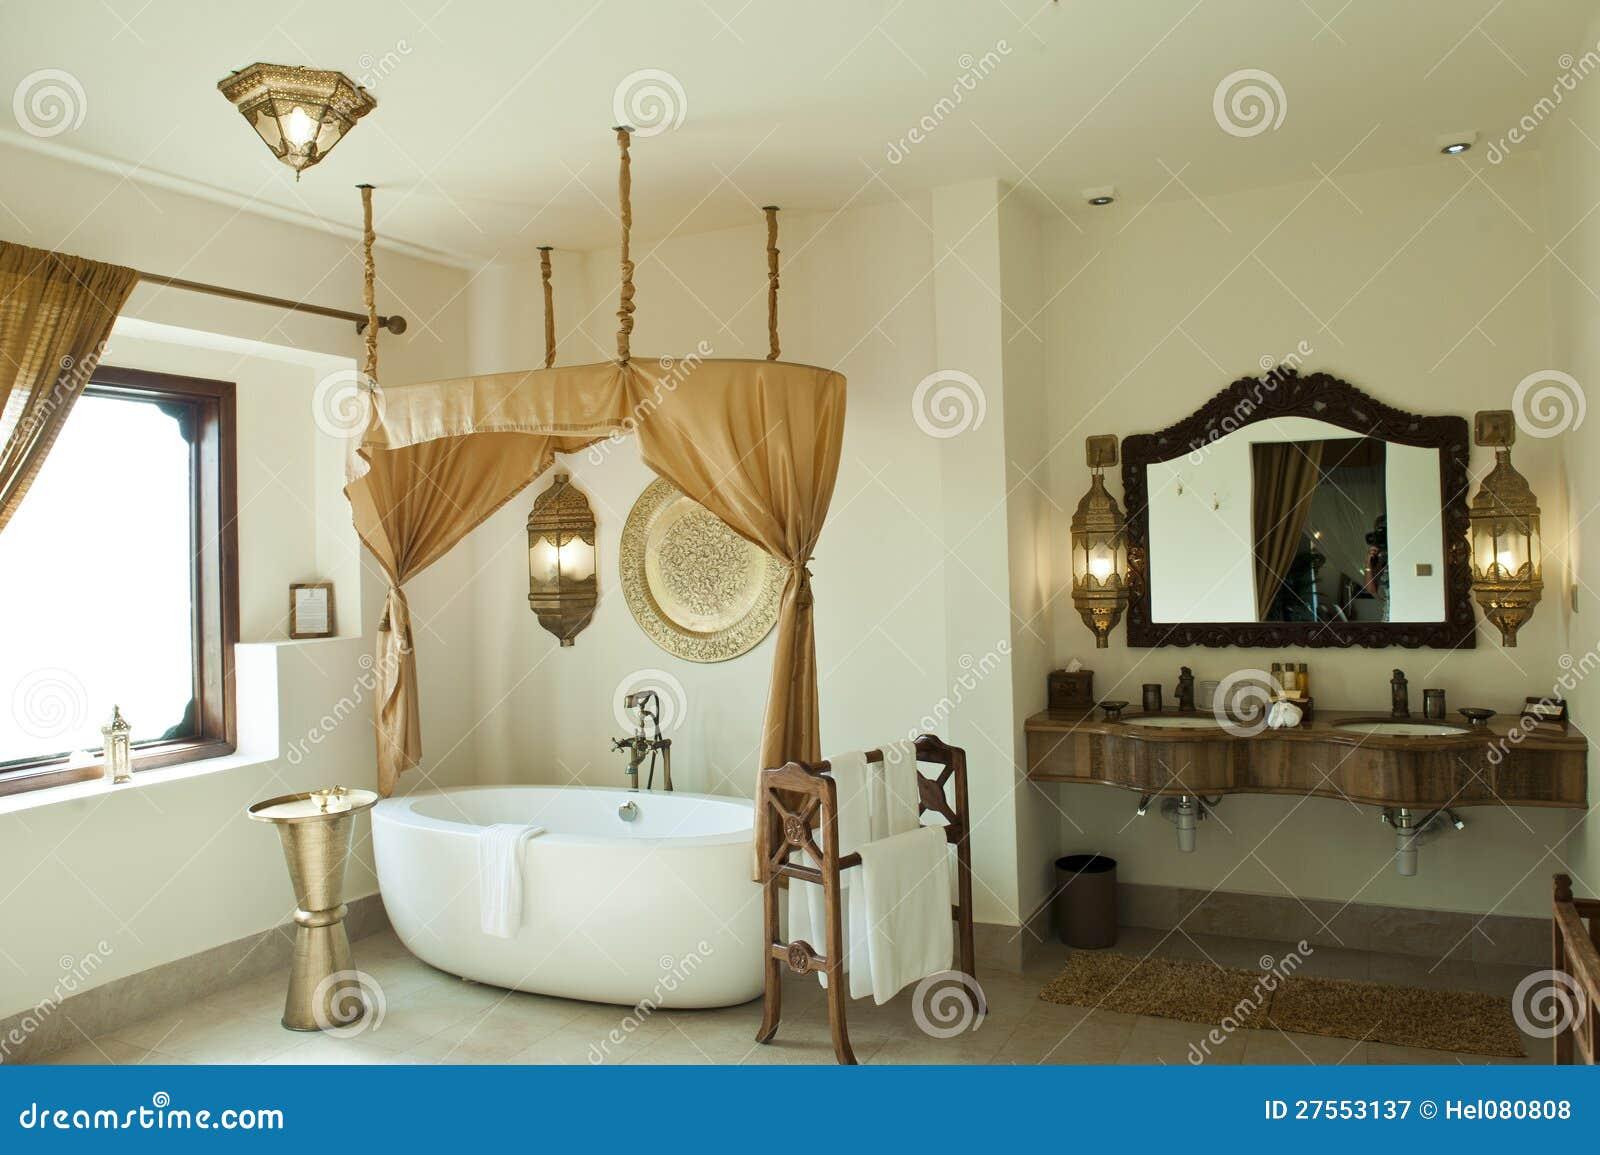 Orientalisches badezimmer einrichten 070233 neuesten ideen f r die dekoration ihres hauses - Orientalisches schlafzimmer einrichten ...